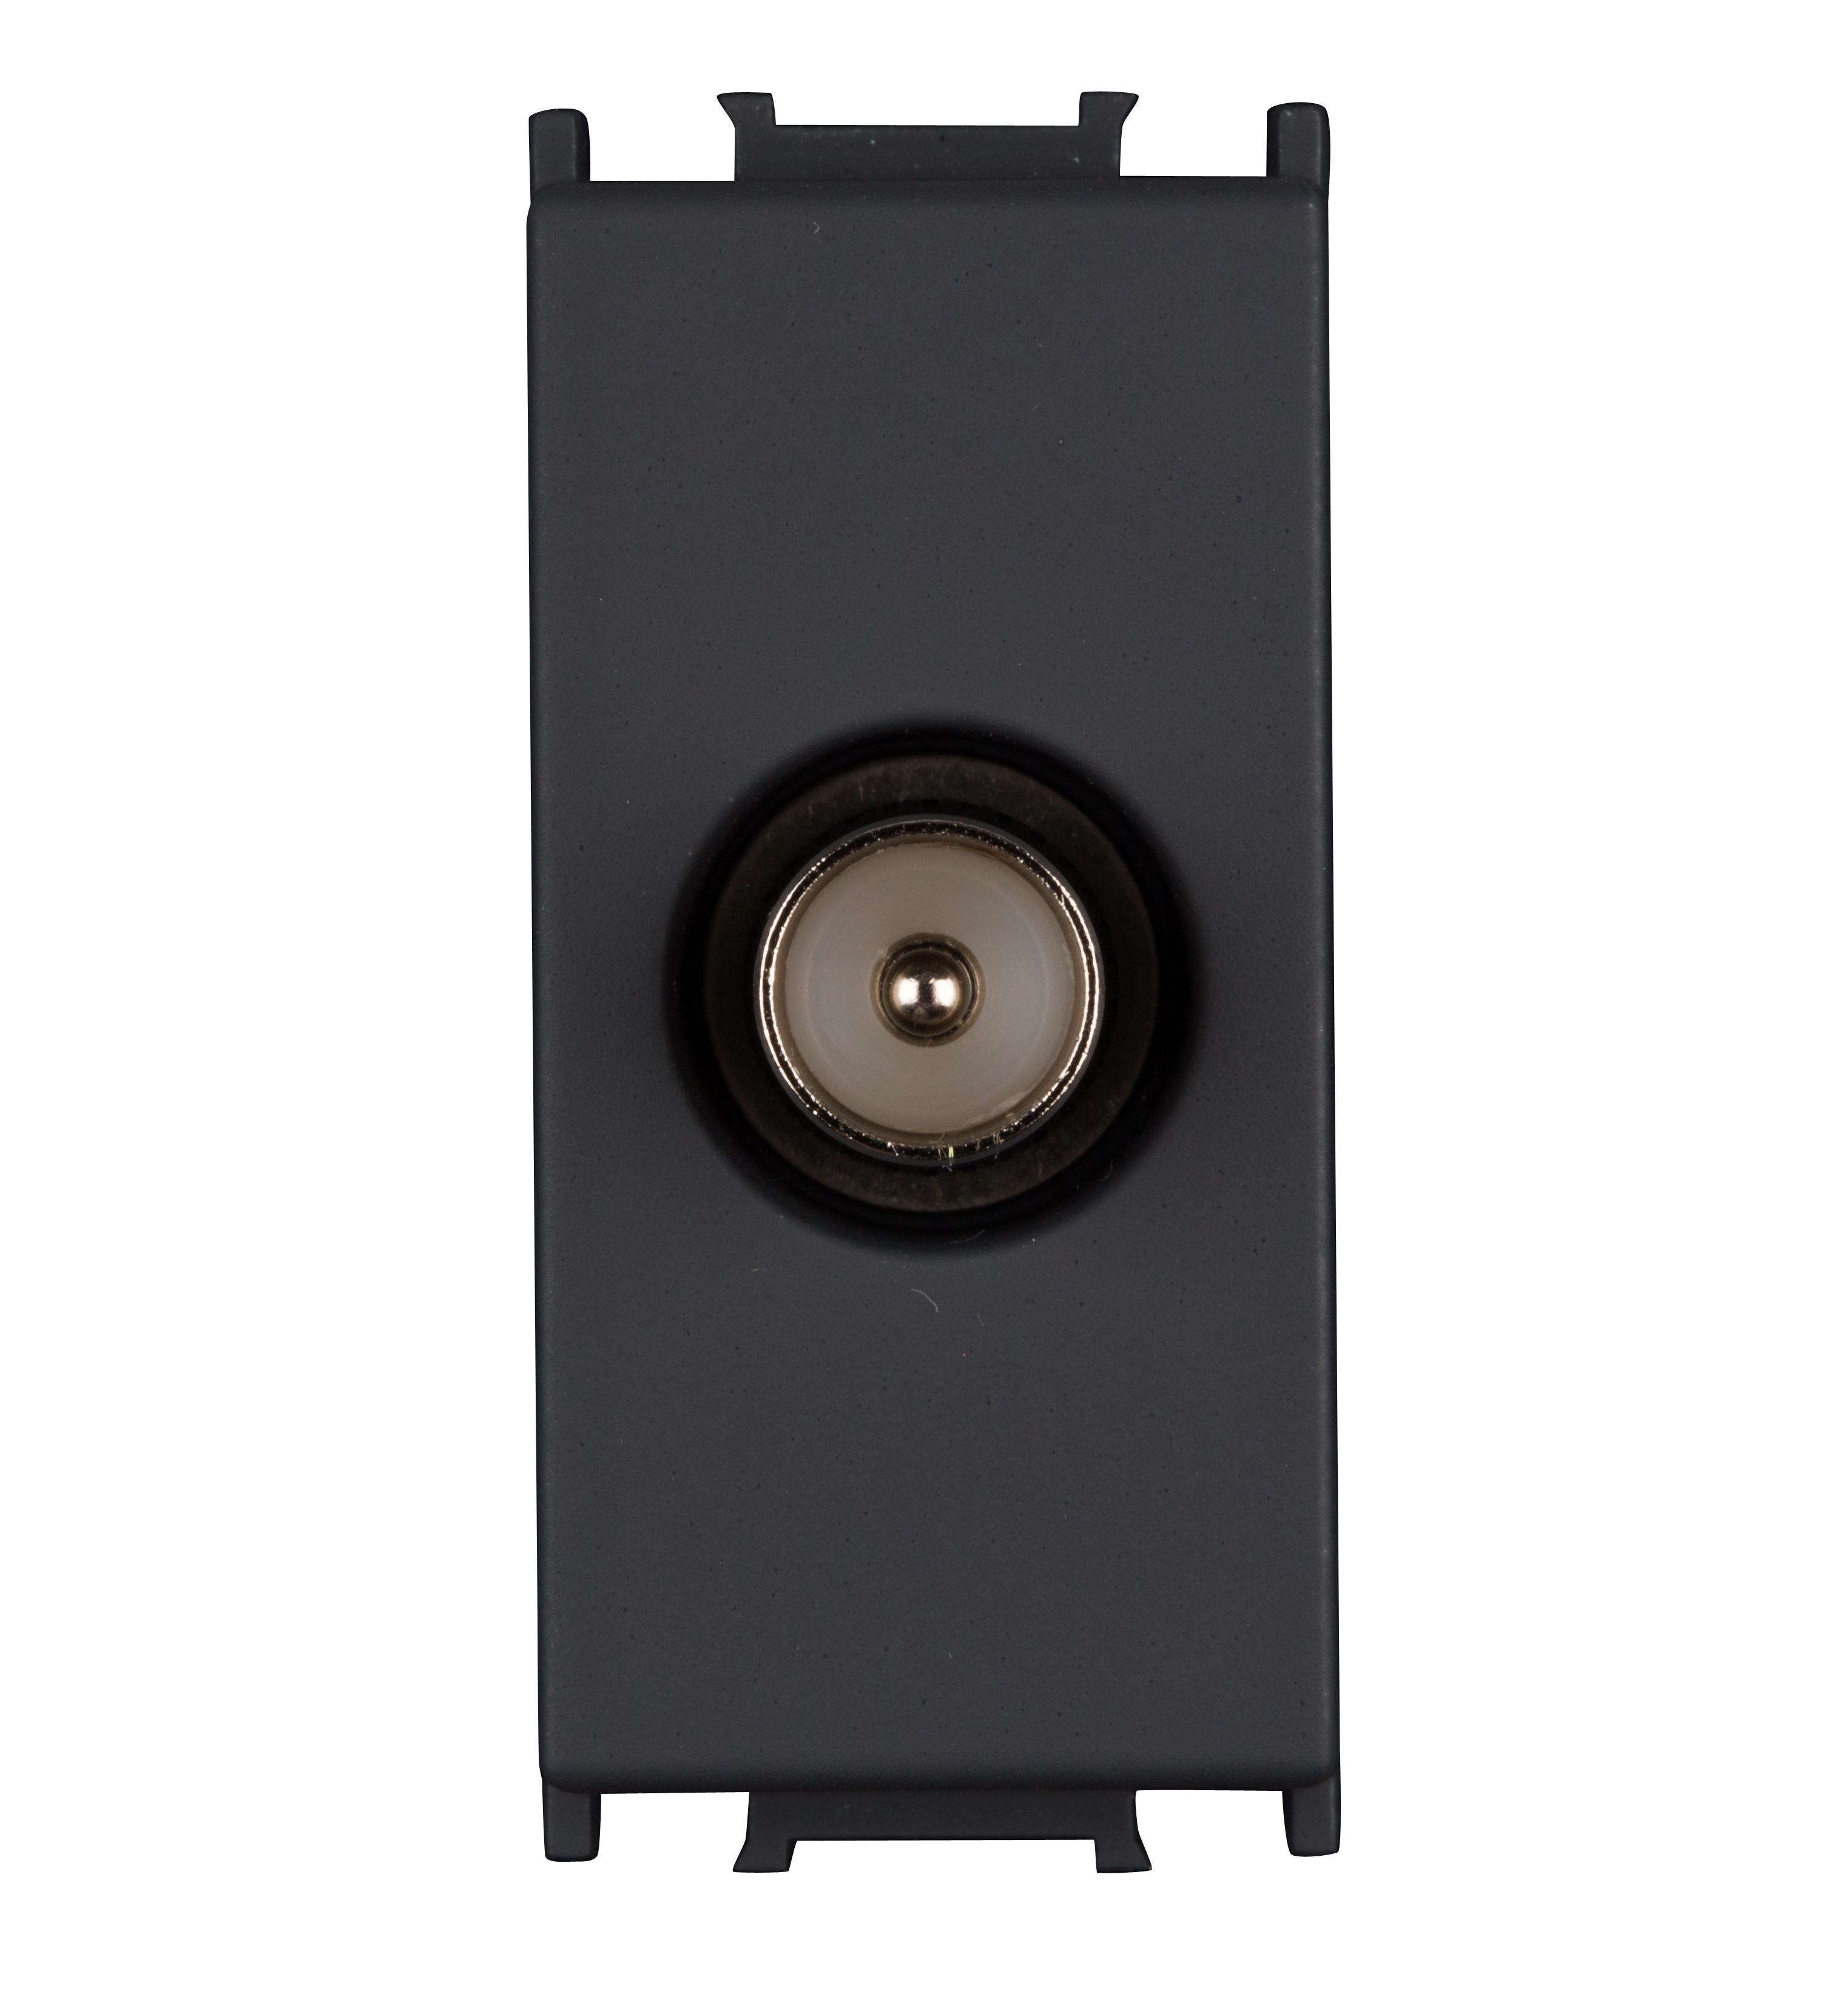 1 Stk TV Einzeldose 1M 0dB, schwarz ET114001--